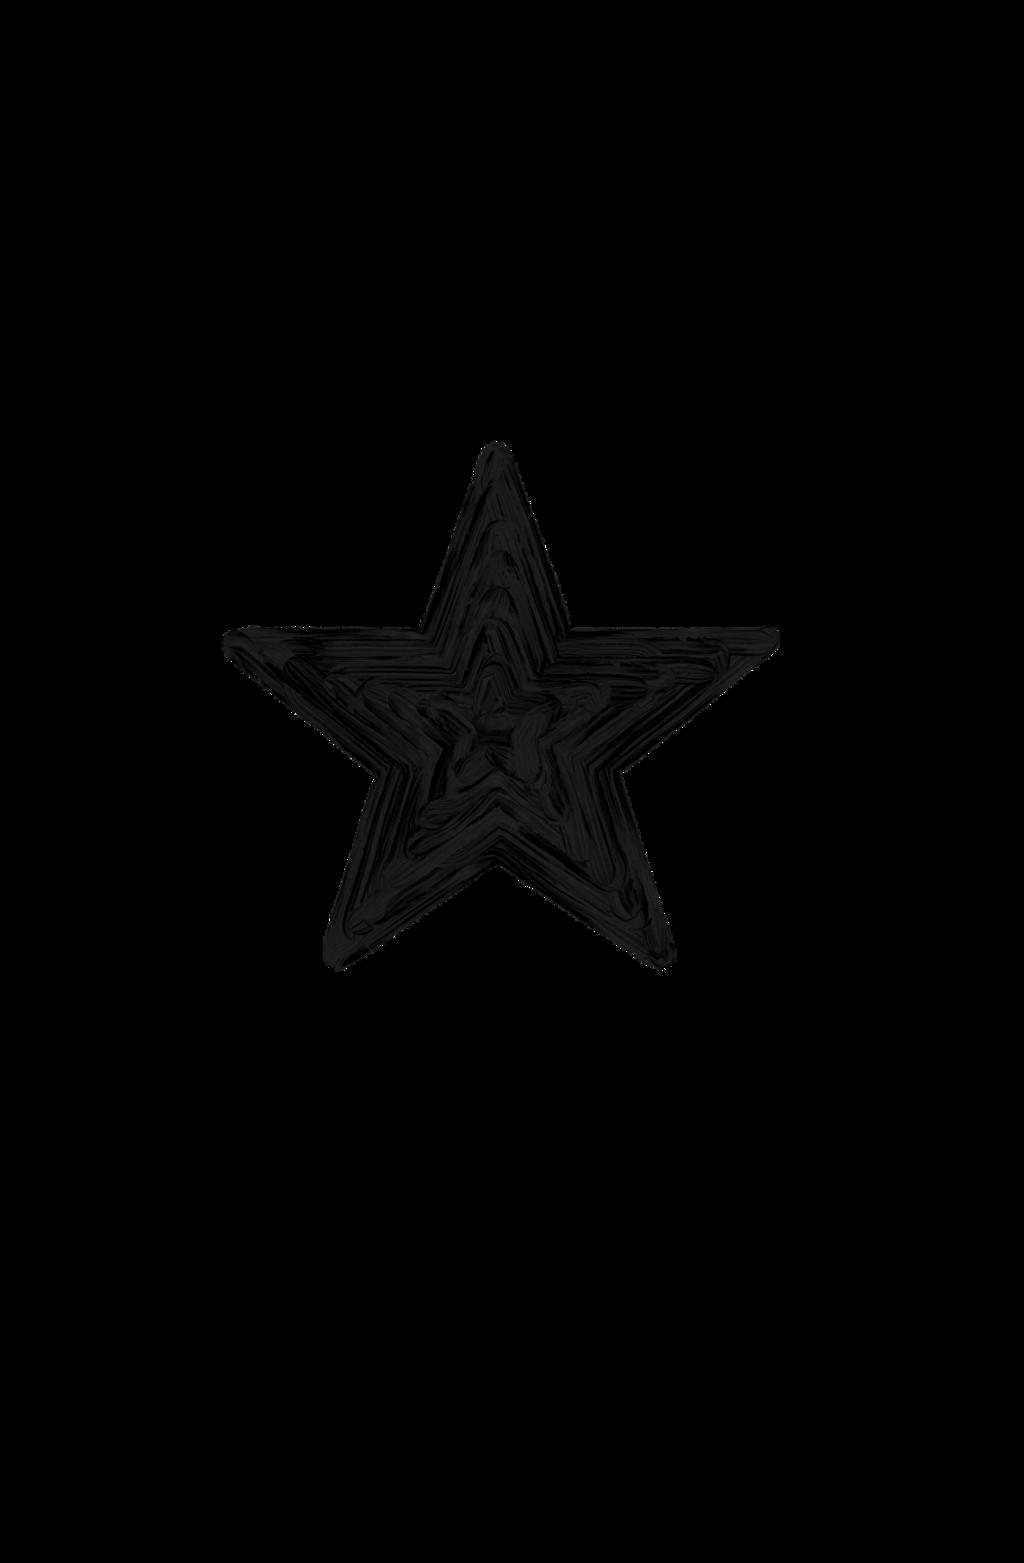 ★ ★ ★ #overlay #paint #black #blackaesthetic #cool #dark #grunge #grungeaesthetic #trend #trendy #star #stars #starsticker #blackstar #aesthetic #art #artsy #chill #vsco #tumblr #freetoedit